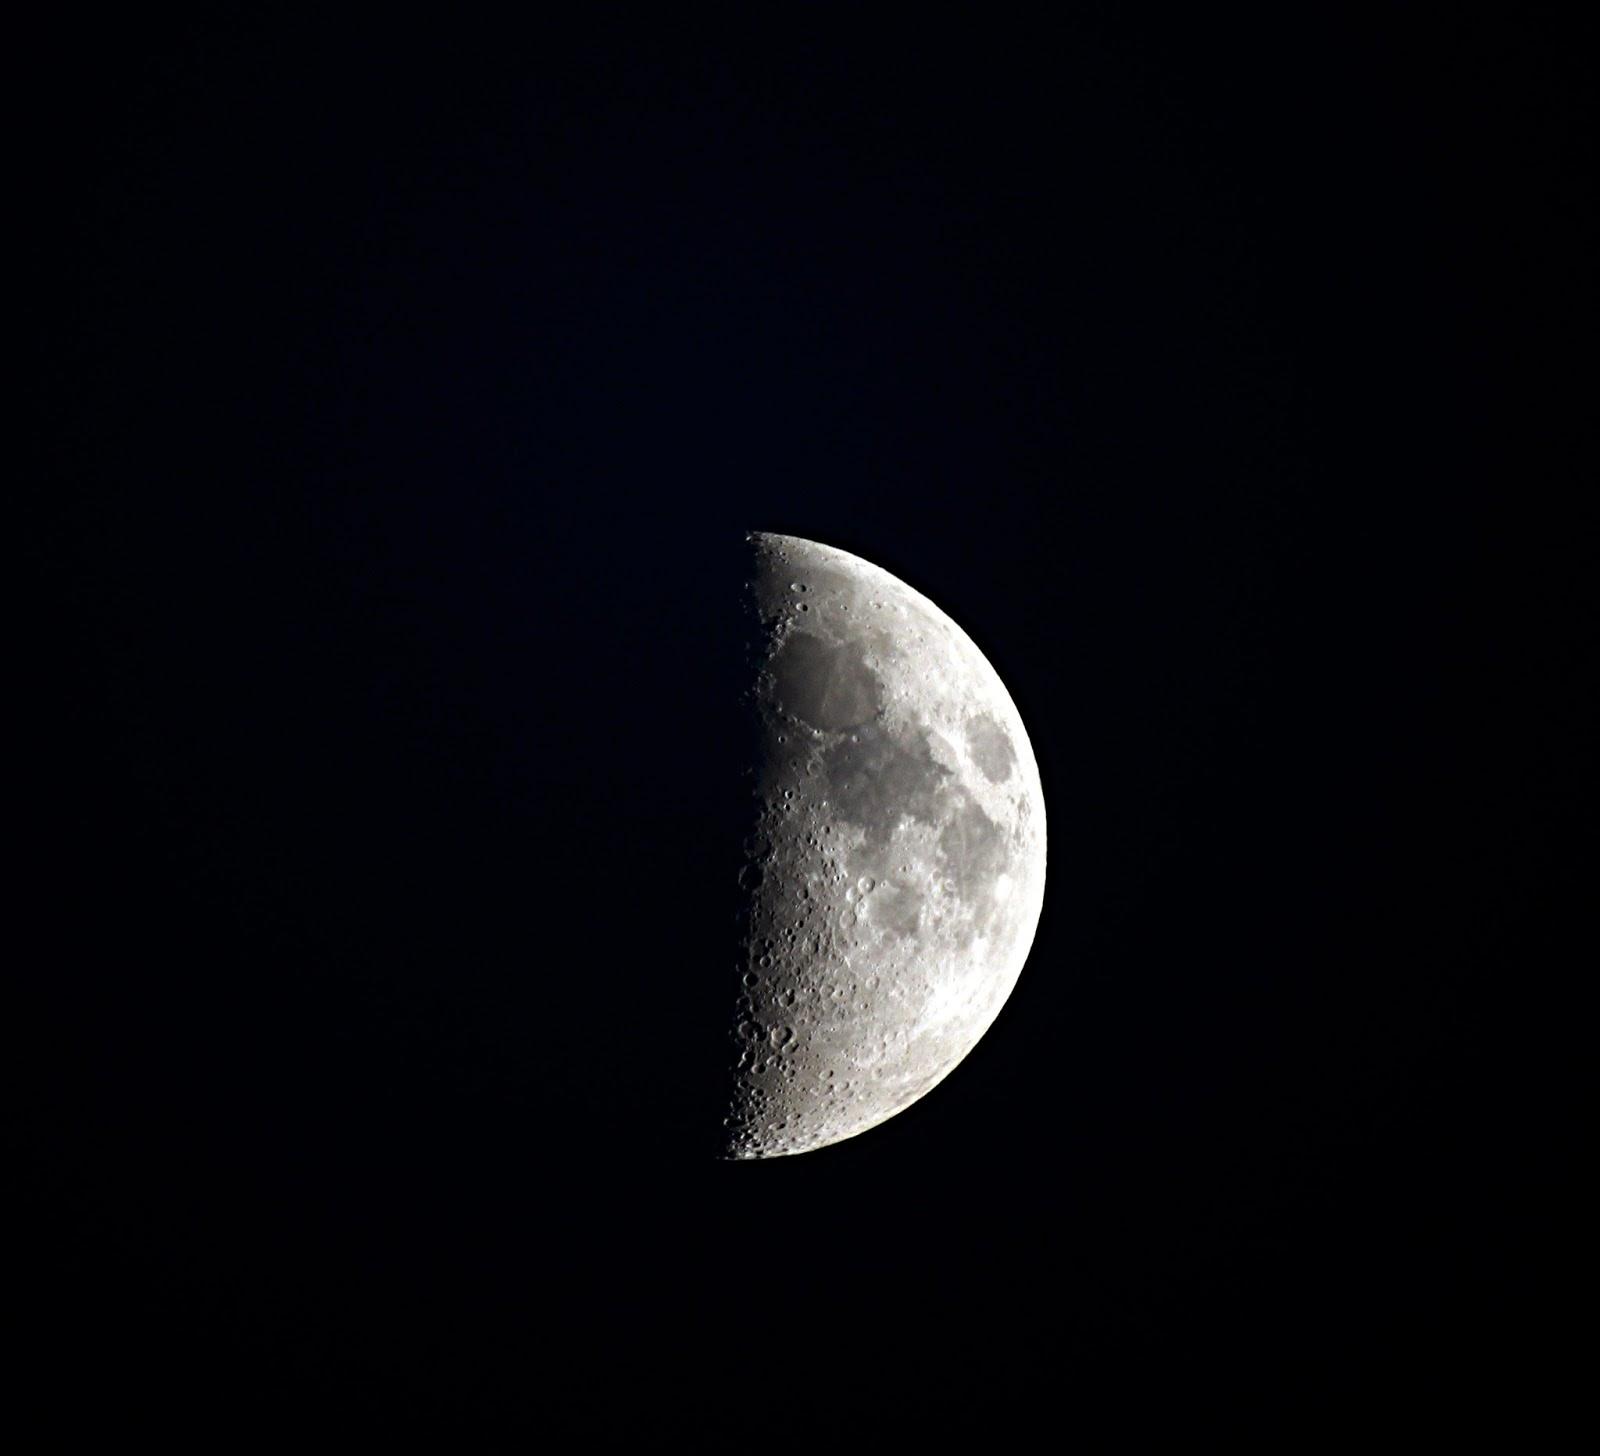 Observatorio astron mico de berja la luna hoy for Hoy hay cambio de luna